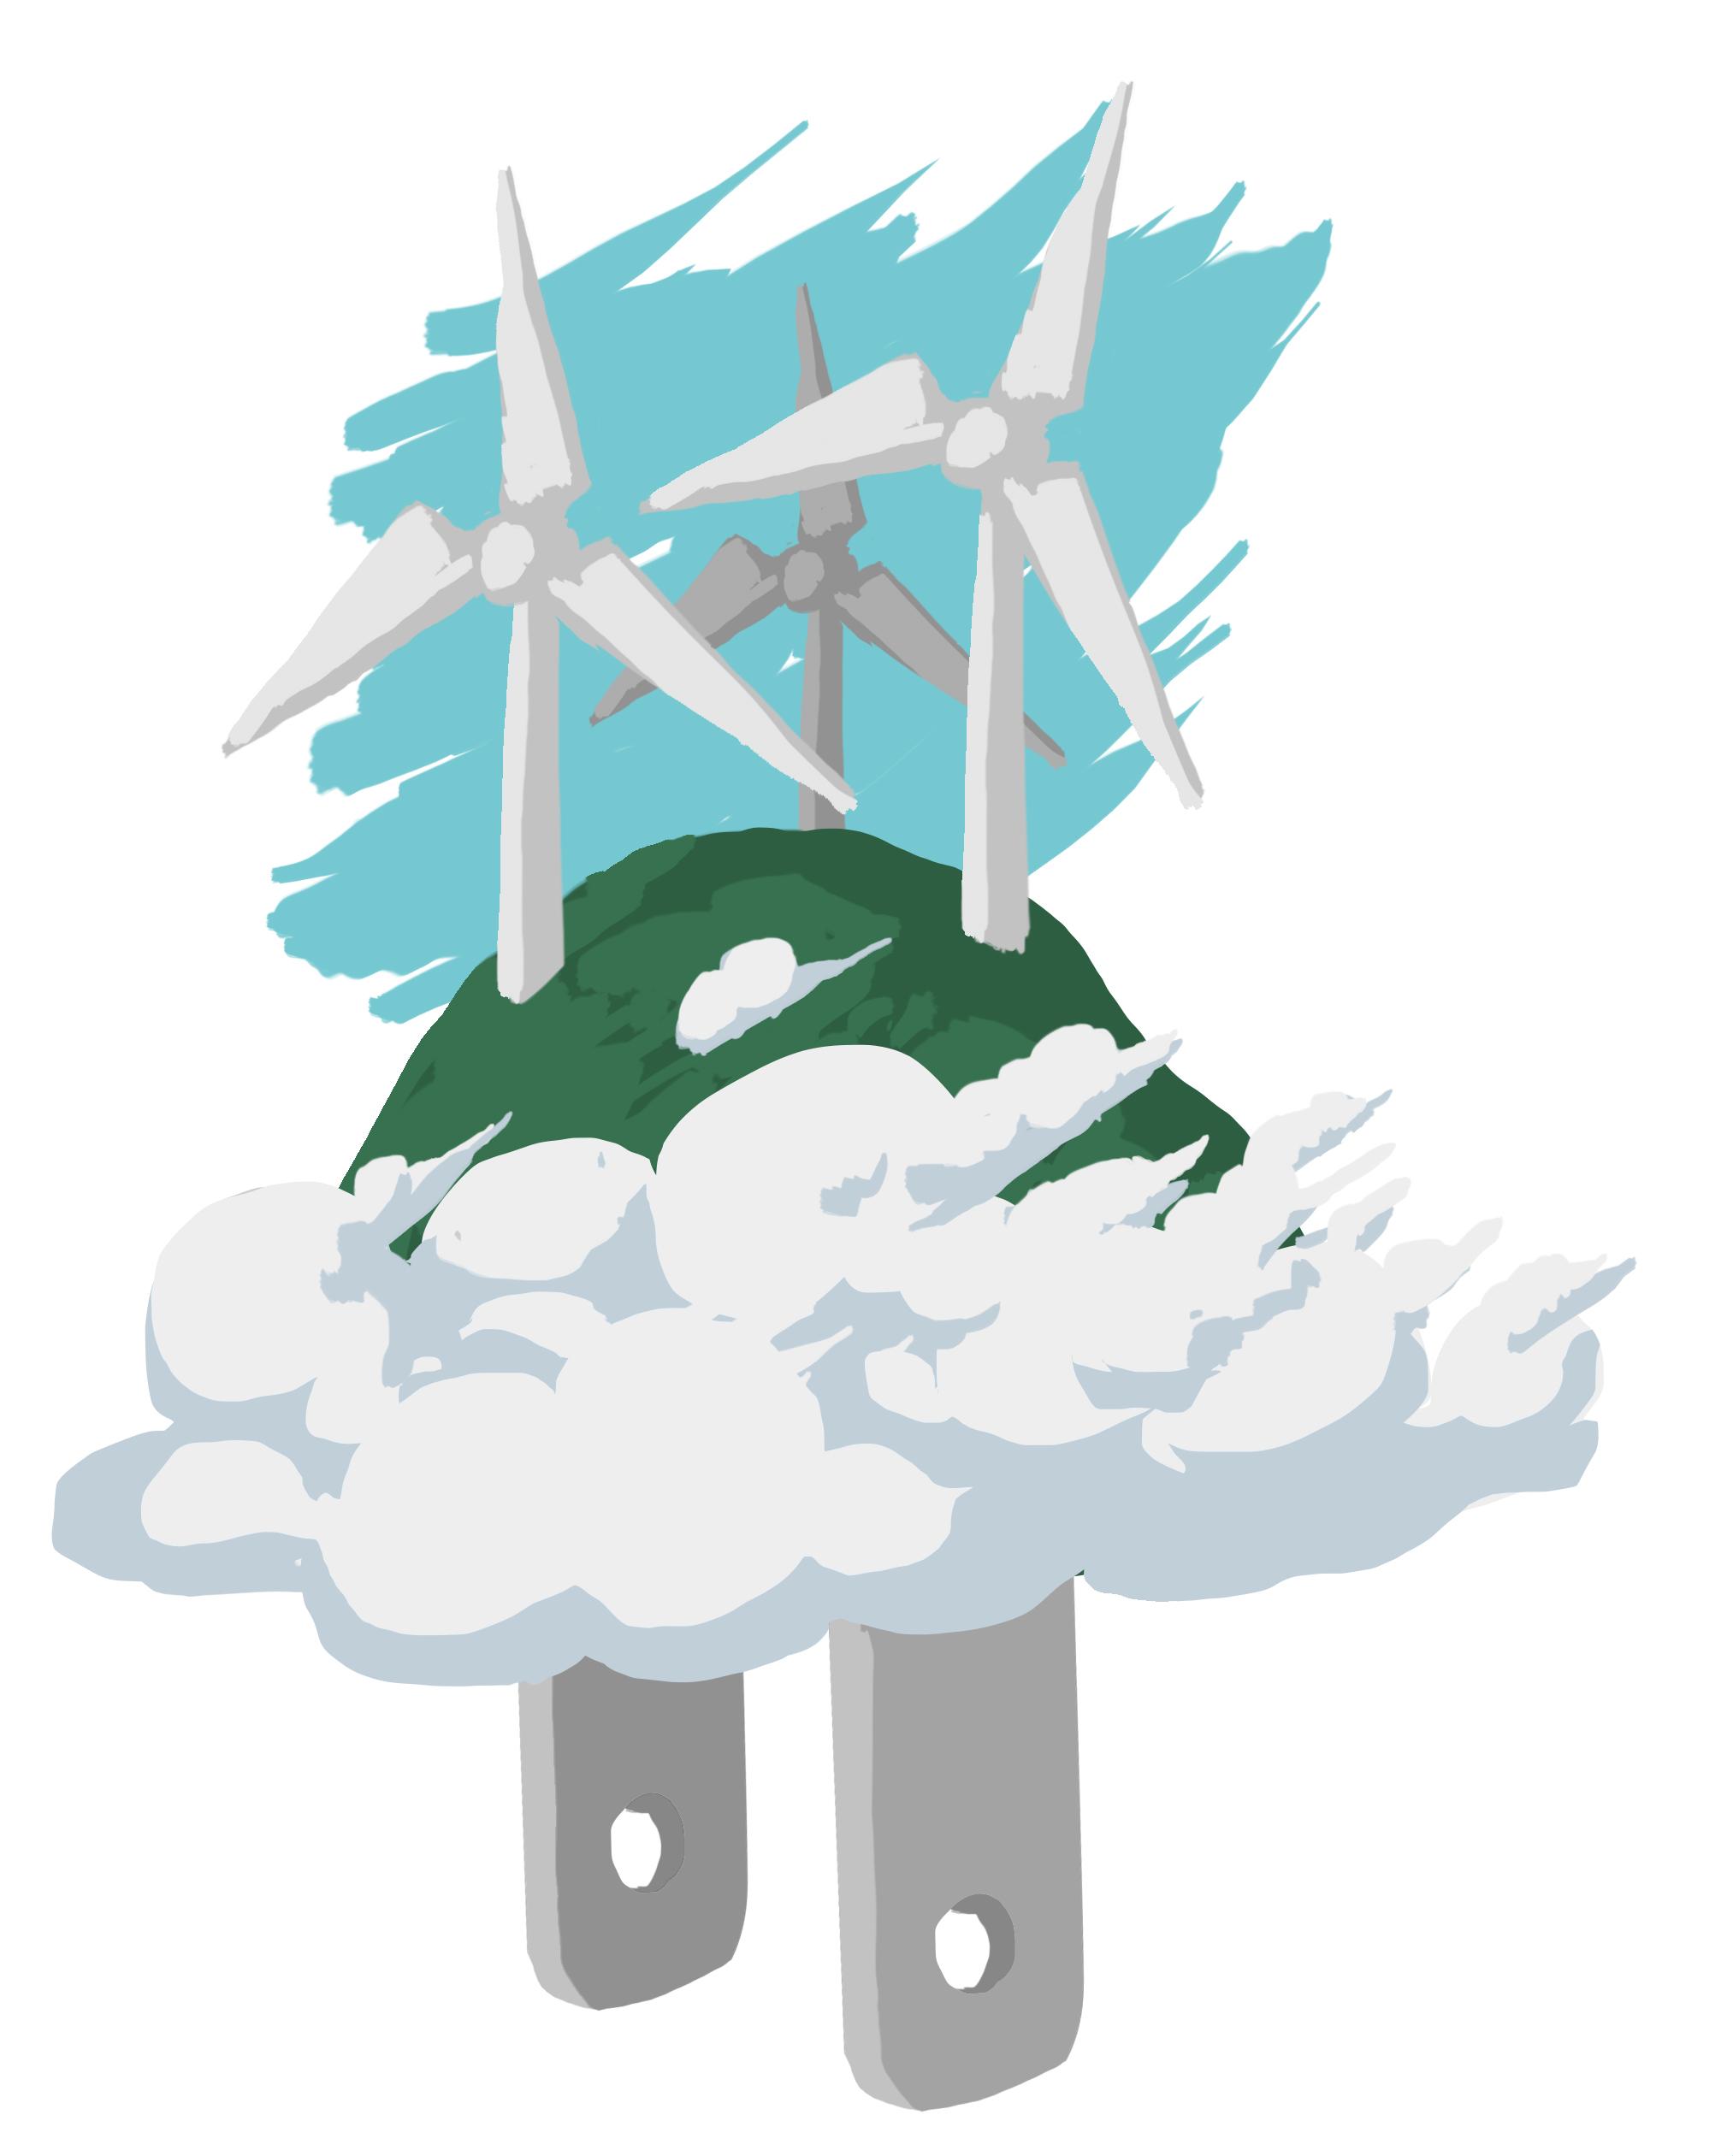 Ilustração de turbinas eólicas com plugue de energia (Depto. de Estado/D. Thompson)